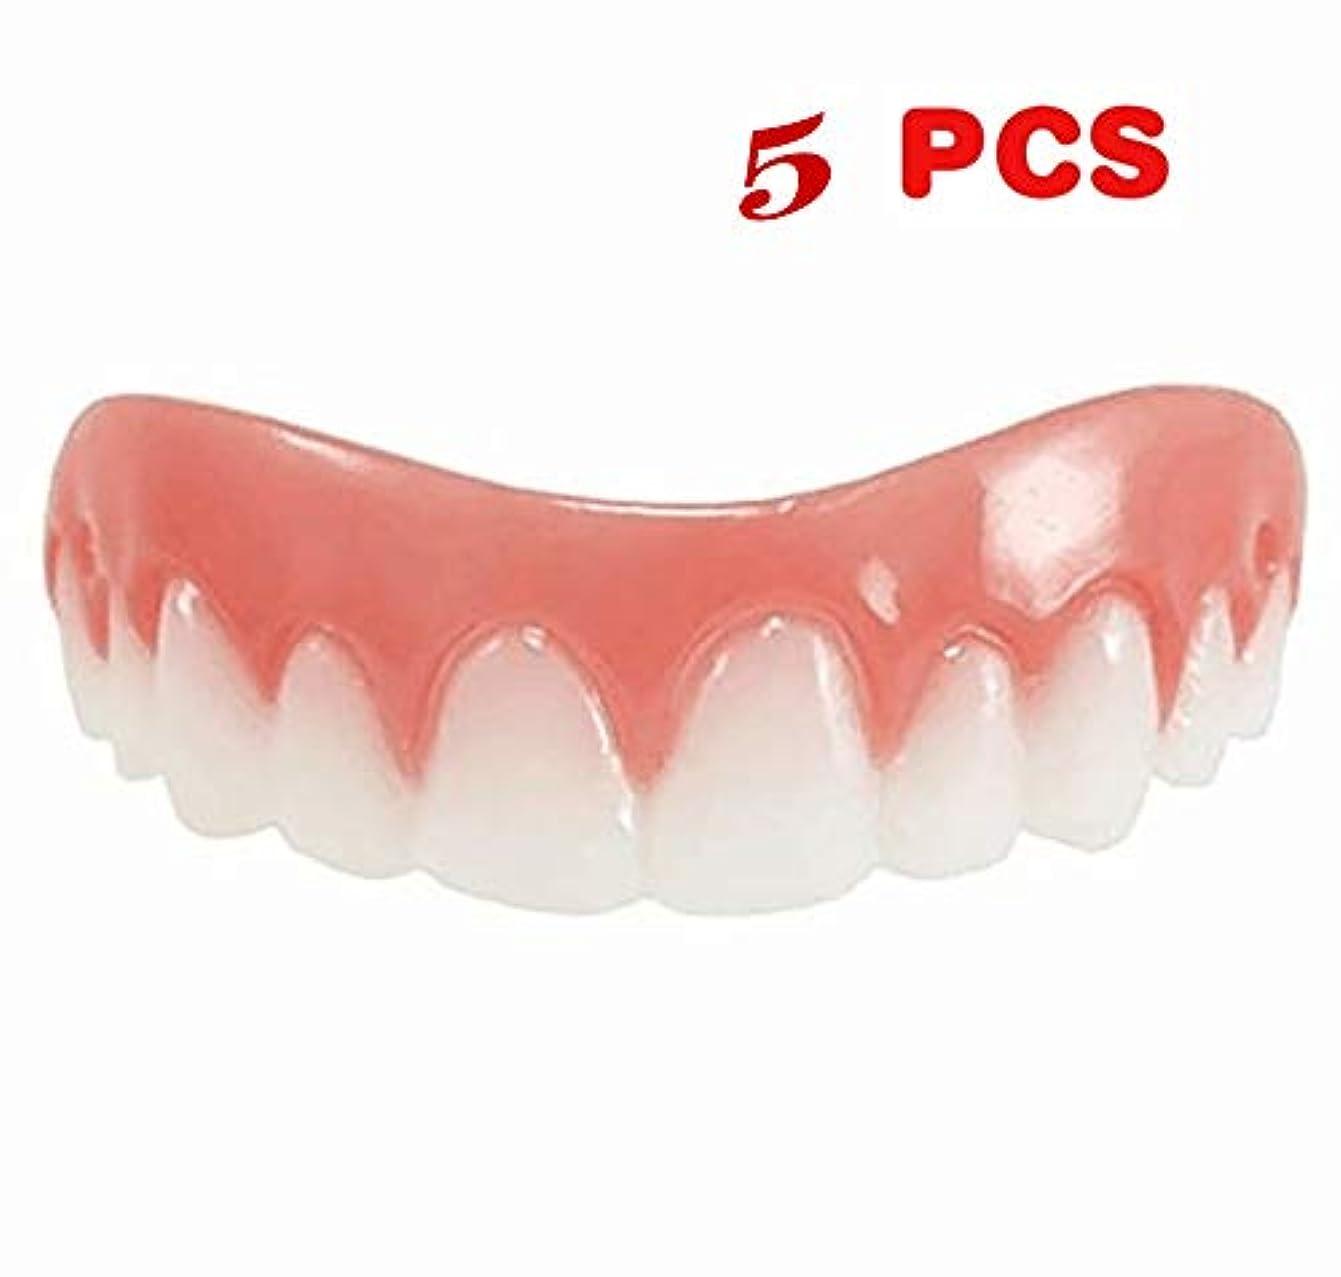 記念日電話をかける擁する5ピース新しい再利用可能な大人のスナップオンパーフェクトスマイルホワイトニング義歯フィットフレックス化粧品歯快適な突き板カバーデンタルケアアクセサリー